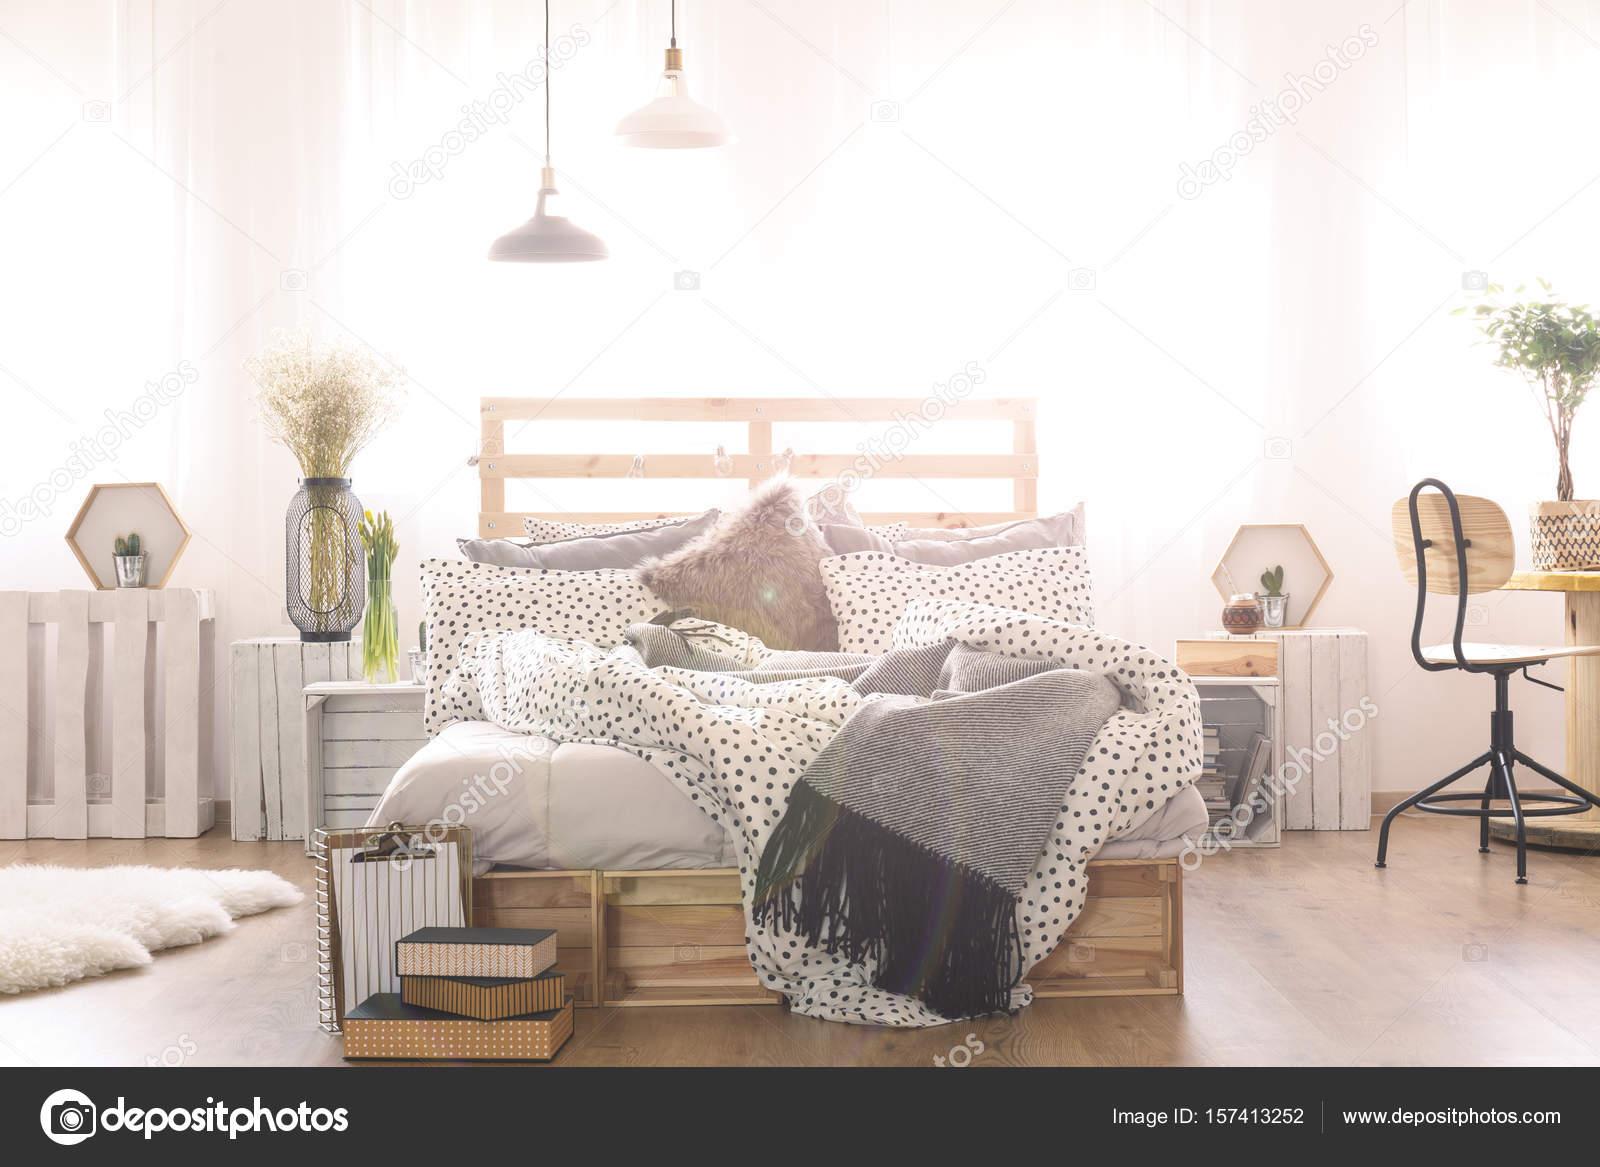 Diy Voor Slaapkamer : Slaapkamer met tweepersoonsbed diy u stockfoto photographee eu